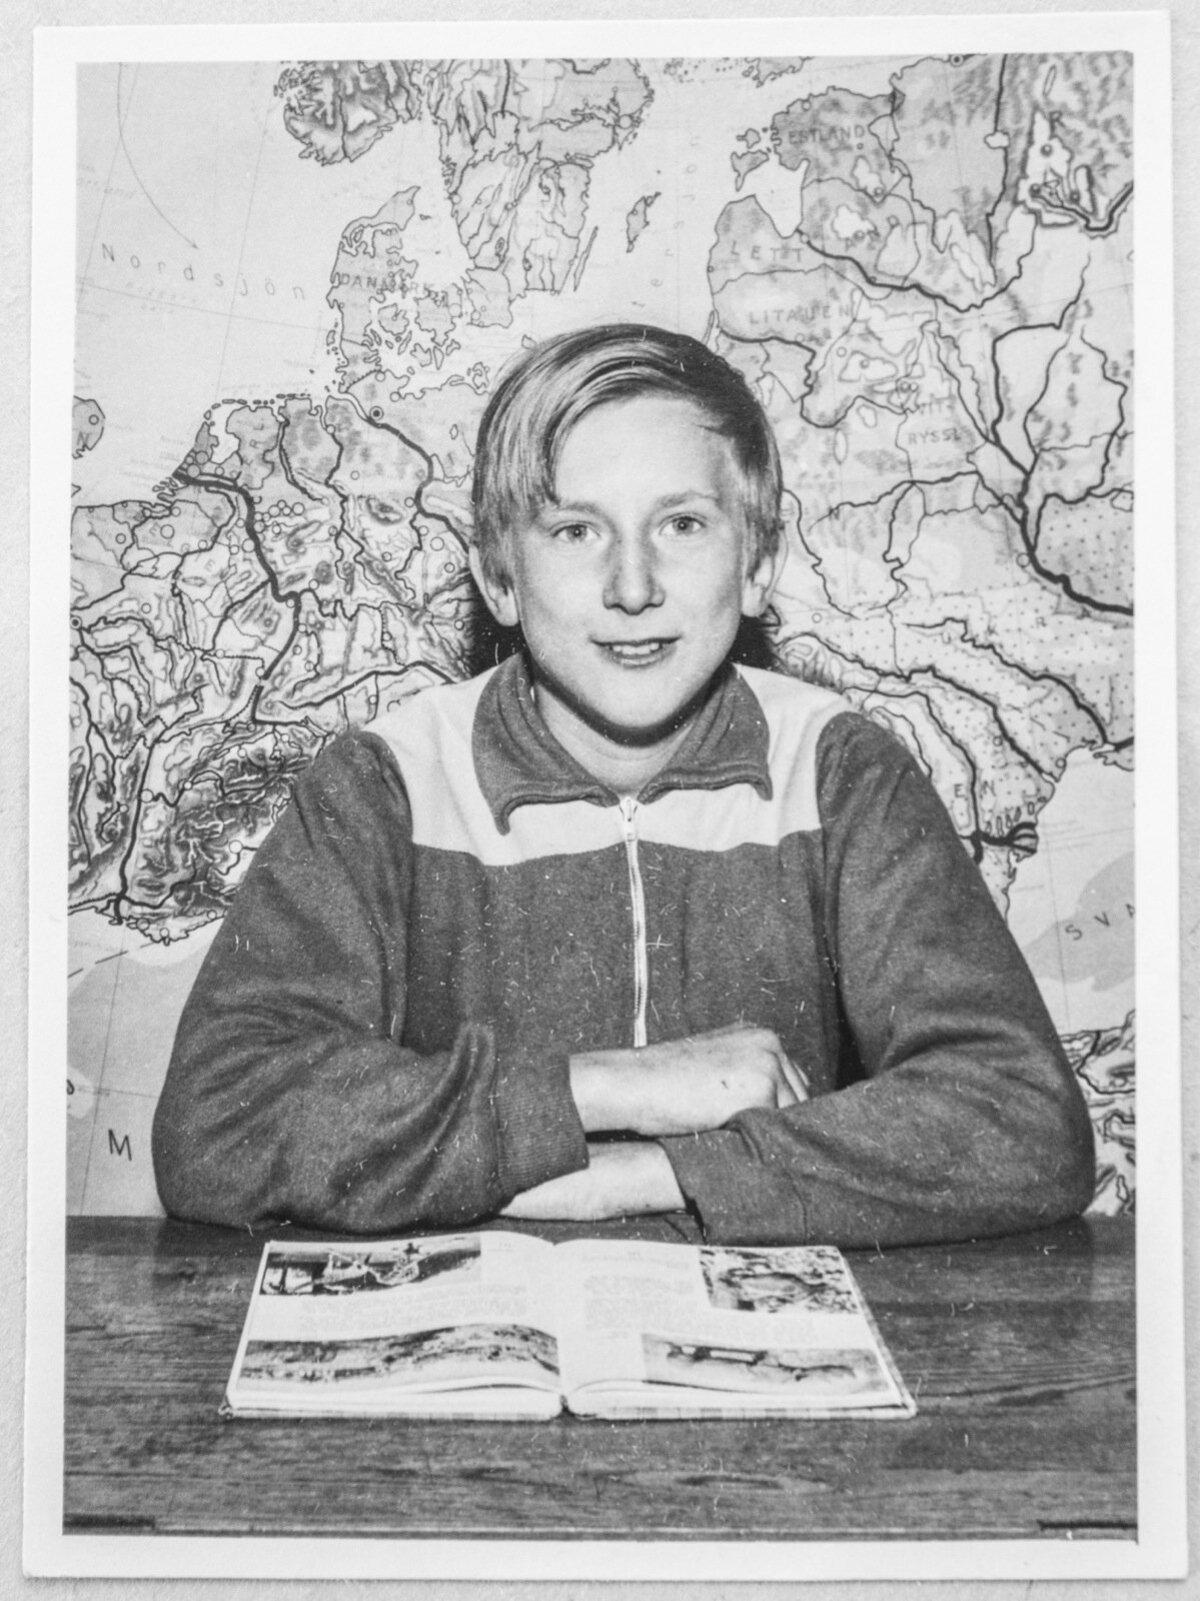 Enn Meri alustas kooliteed Helsingboris.